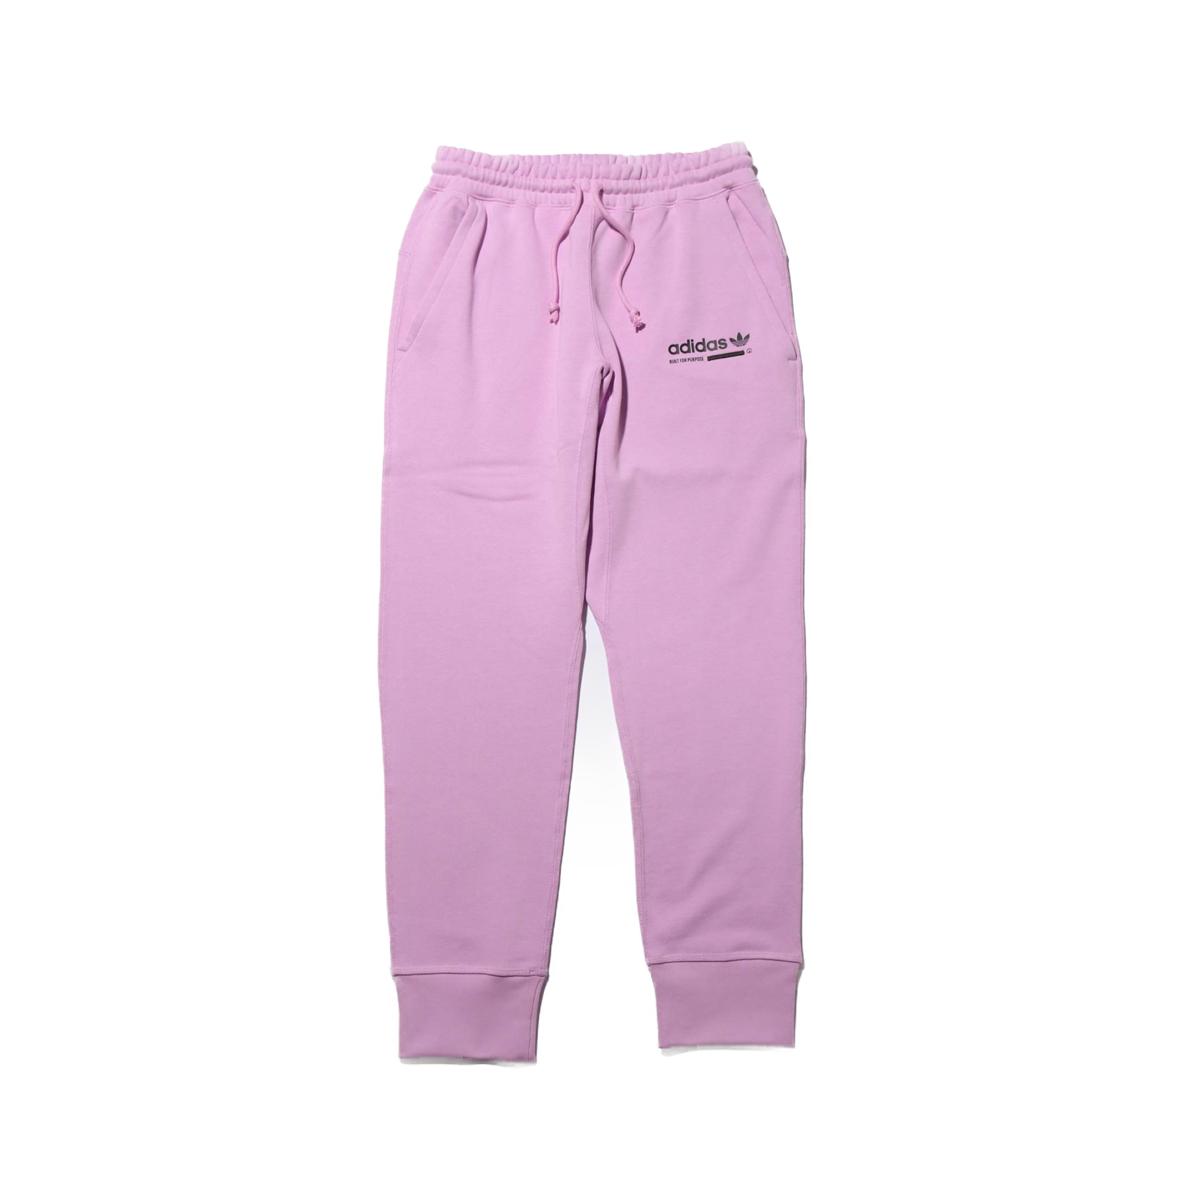 adidas Originals KAVAL SWEATPANTS(アディダス オリジナルス カバルスウェットパンツ)CLEAR LILAC【メンズ パンツ】18FW-I